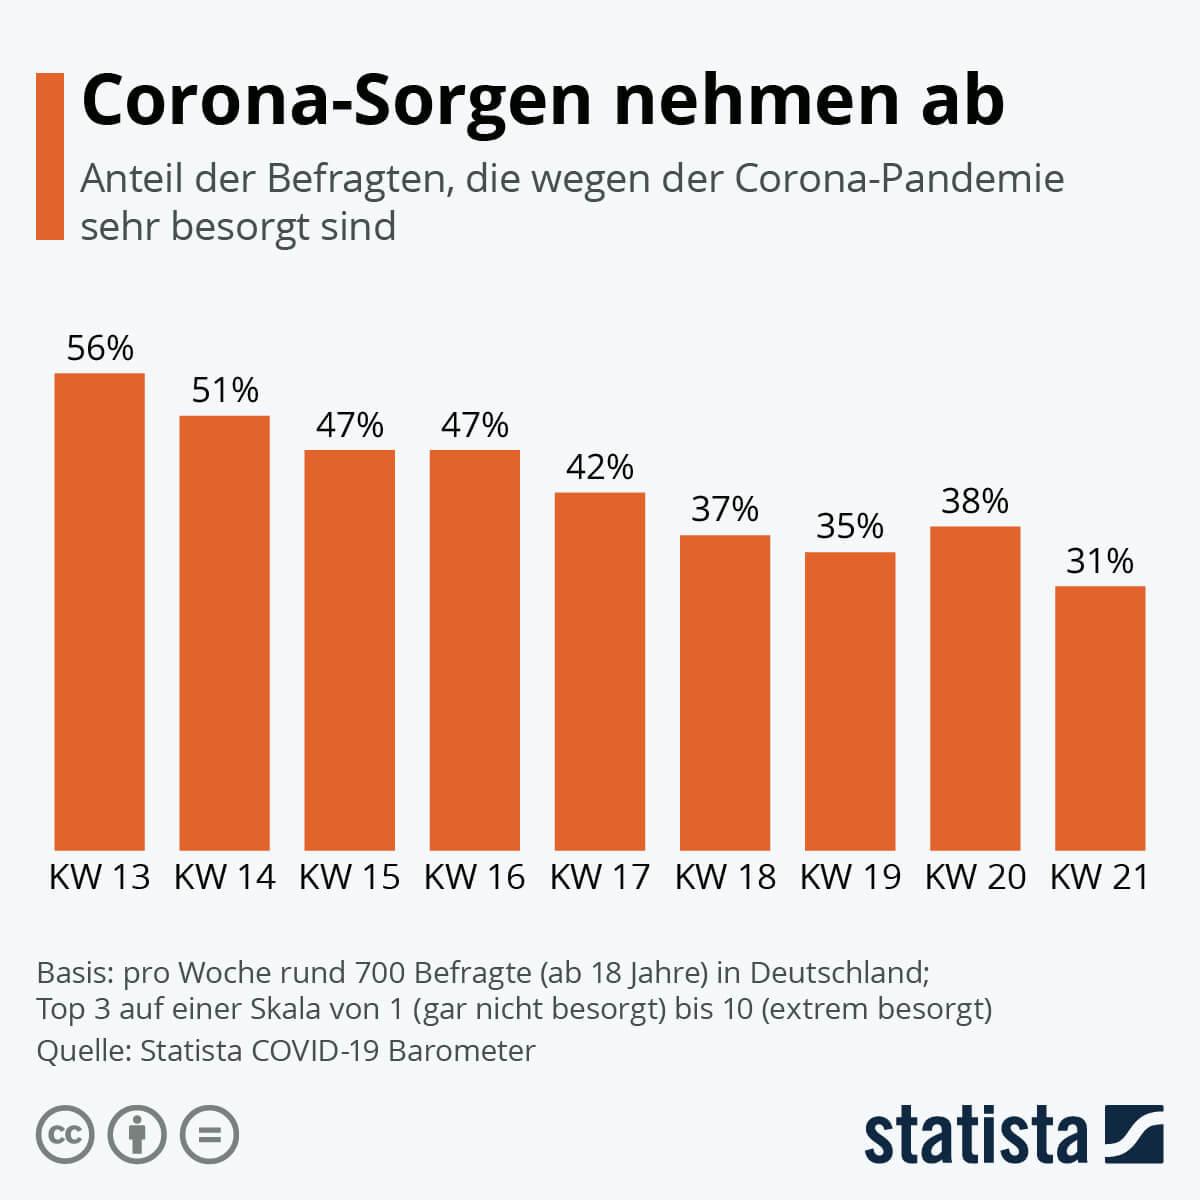 corona-sorgen nehmen ab